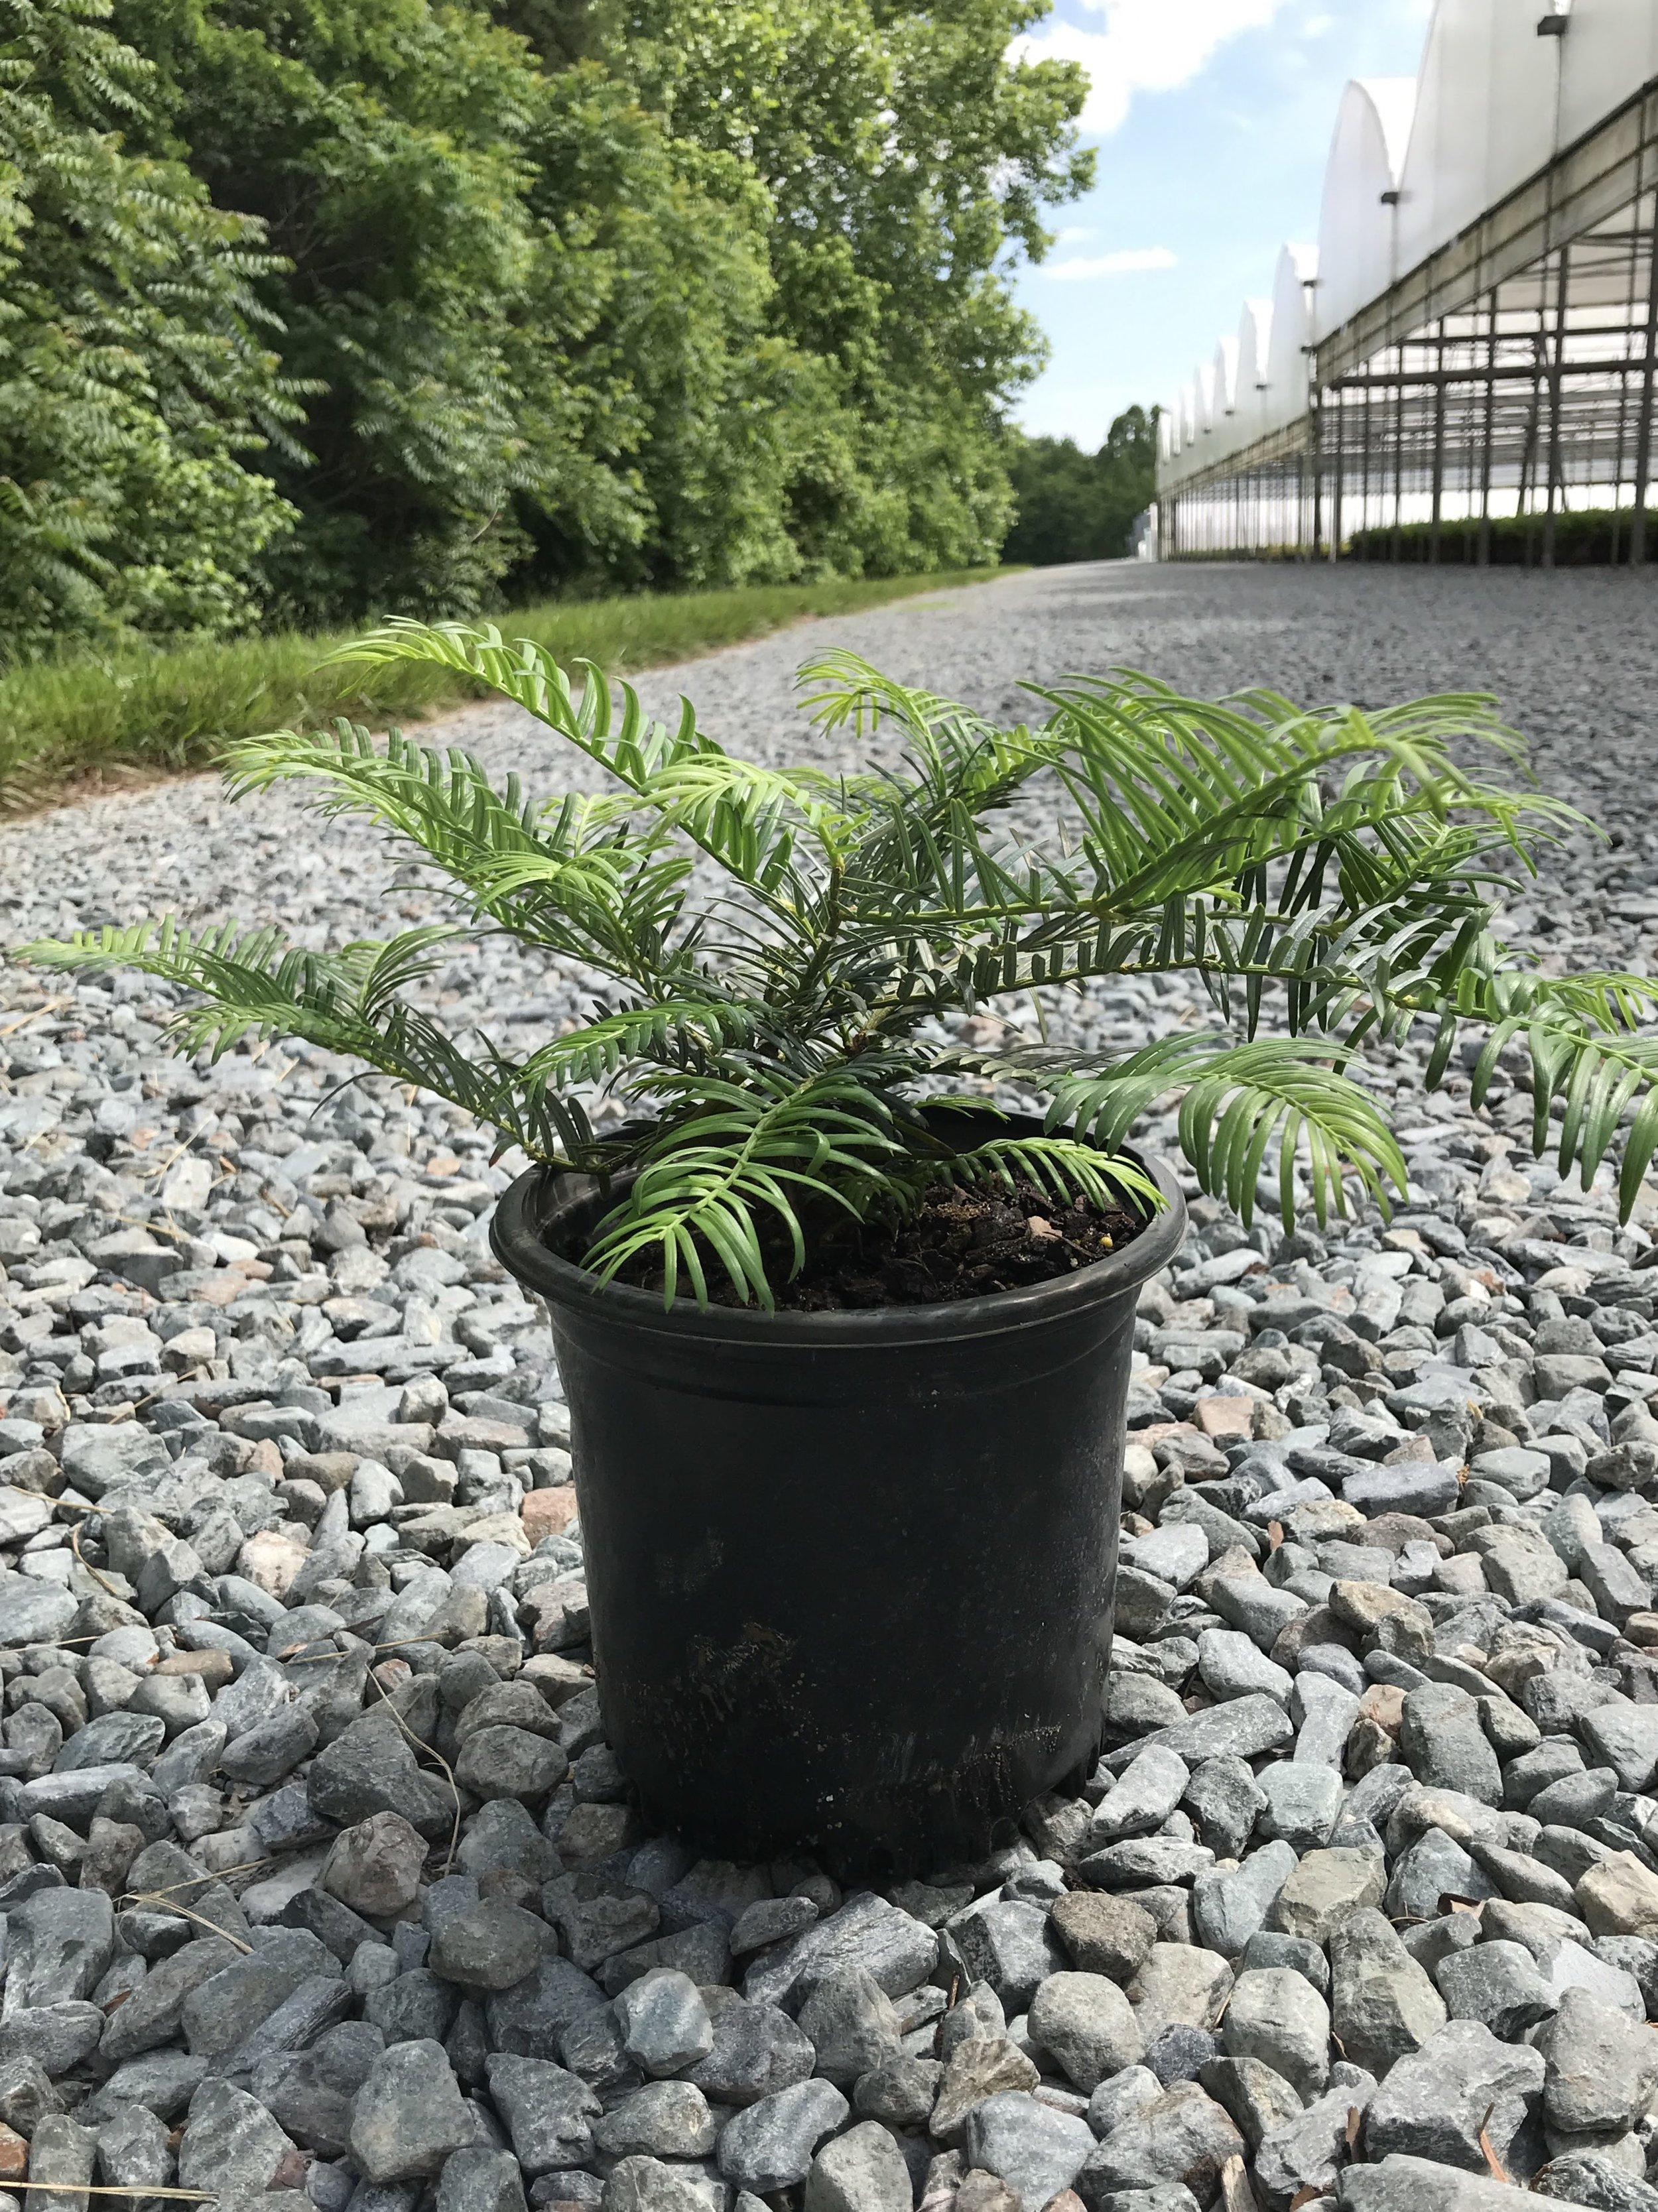 Cephalotaxus harringtonia 'Prostrata' 1 gallon